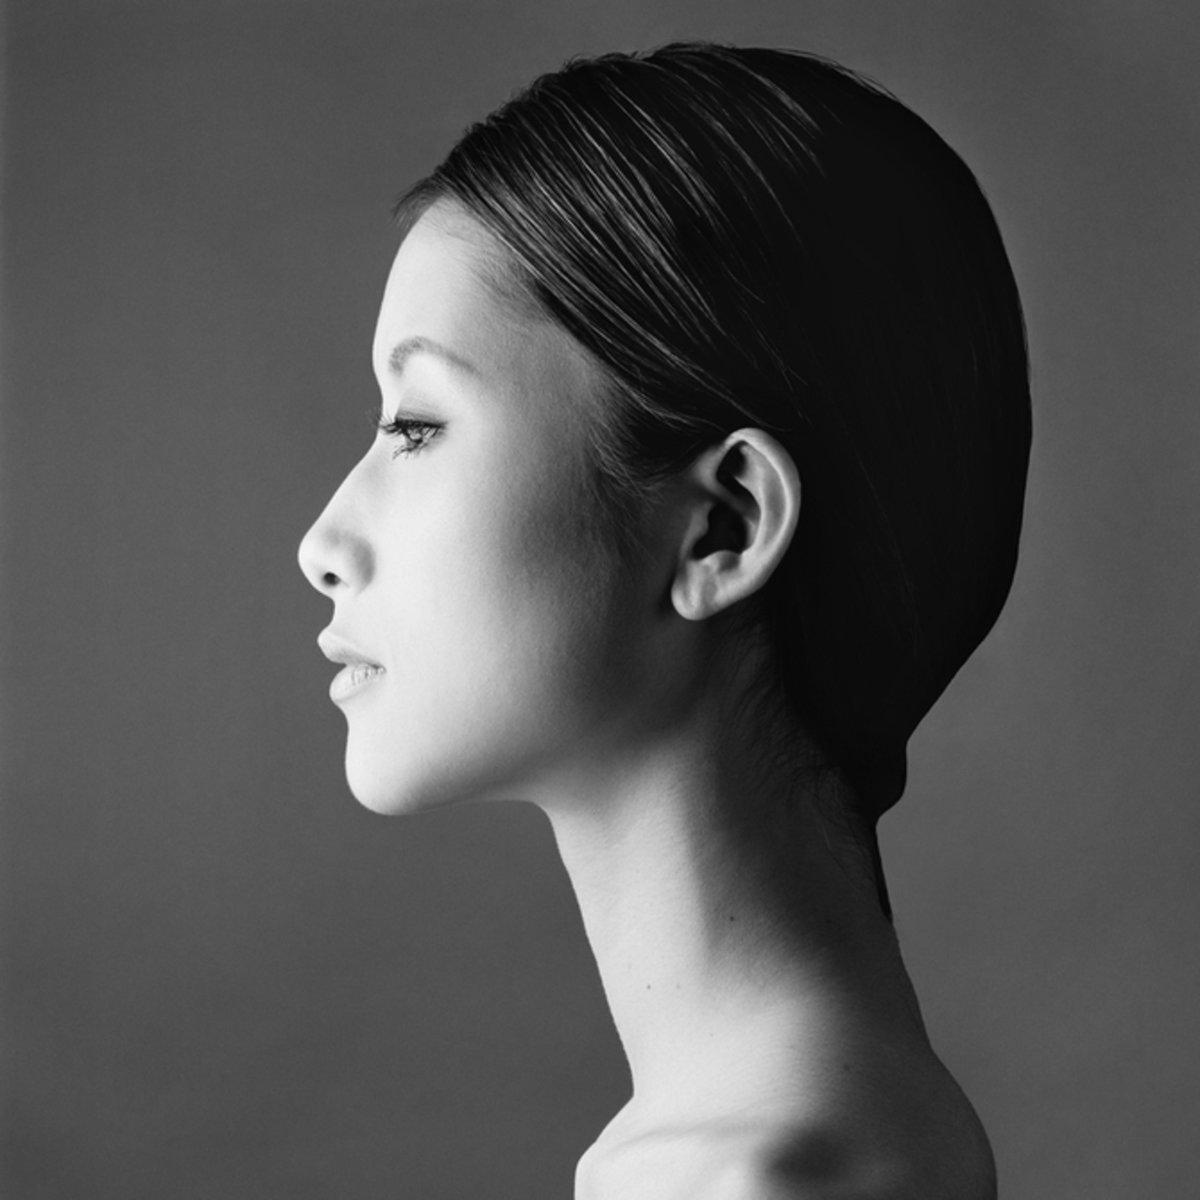 исследование красивый профиль женский фото нападение